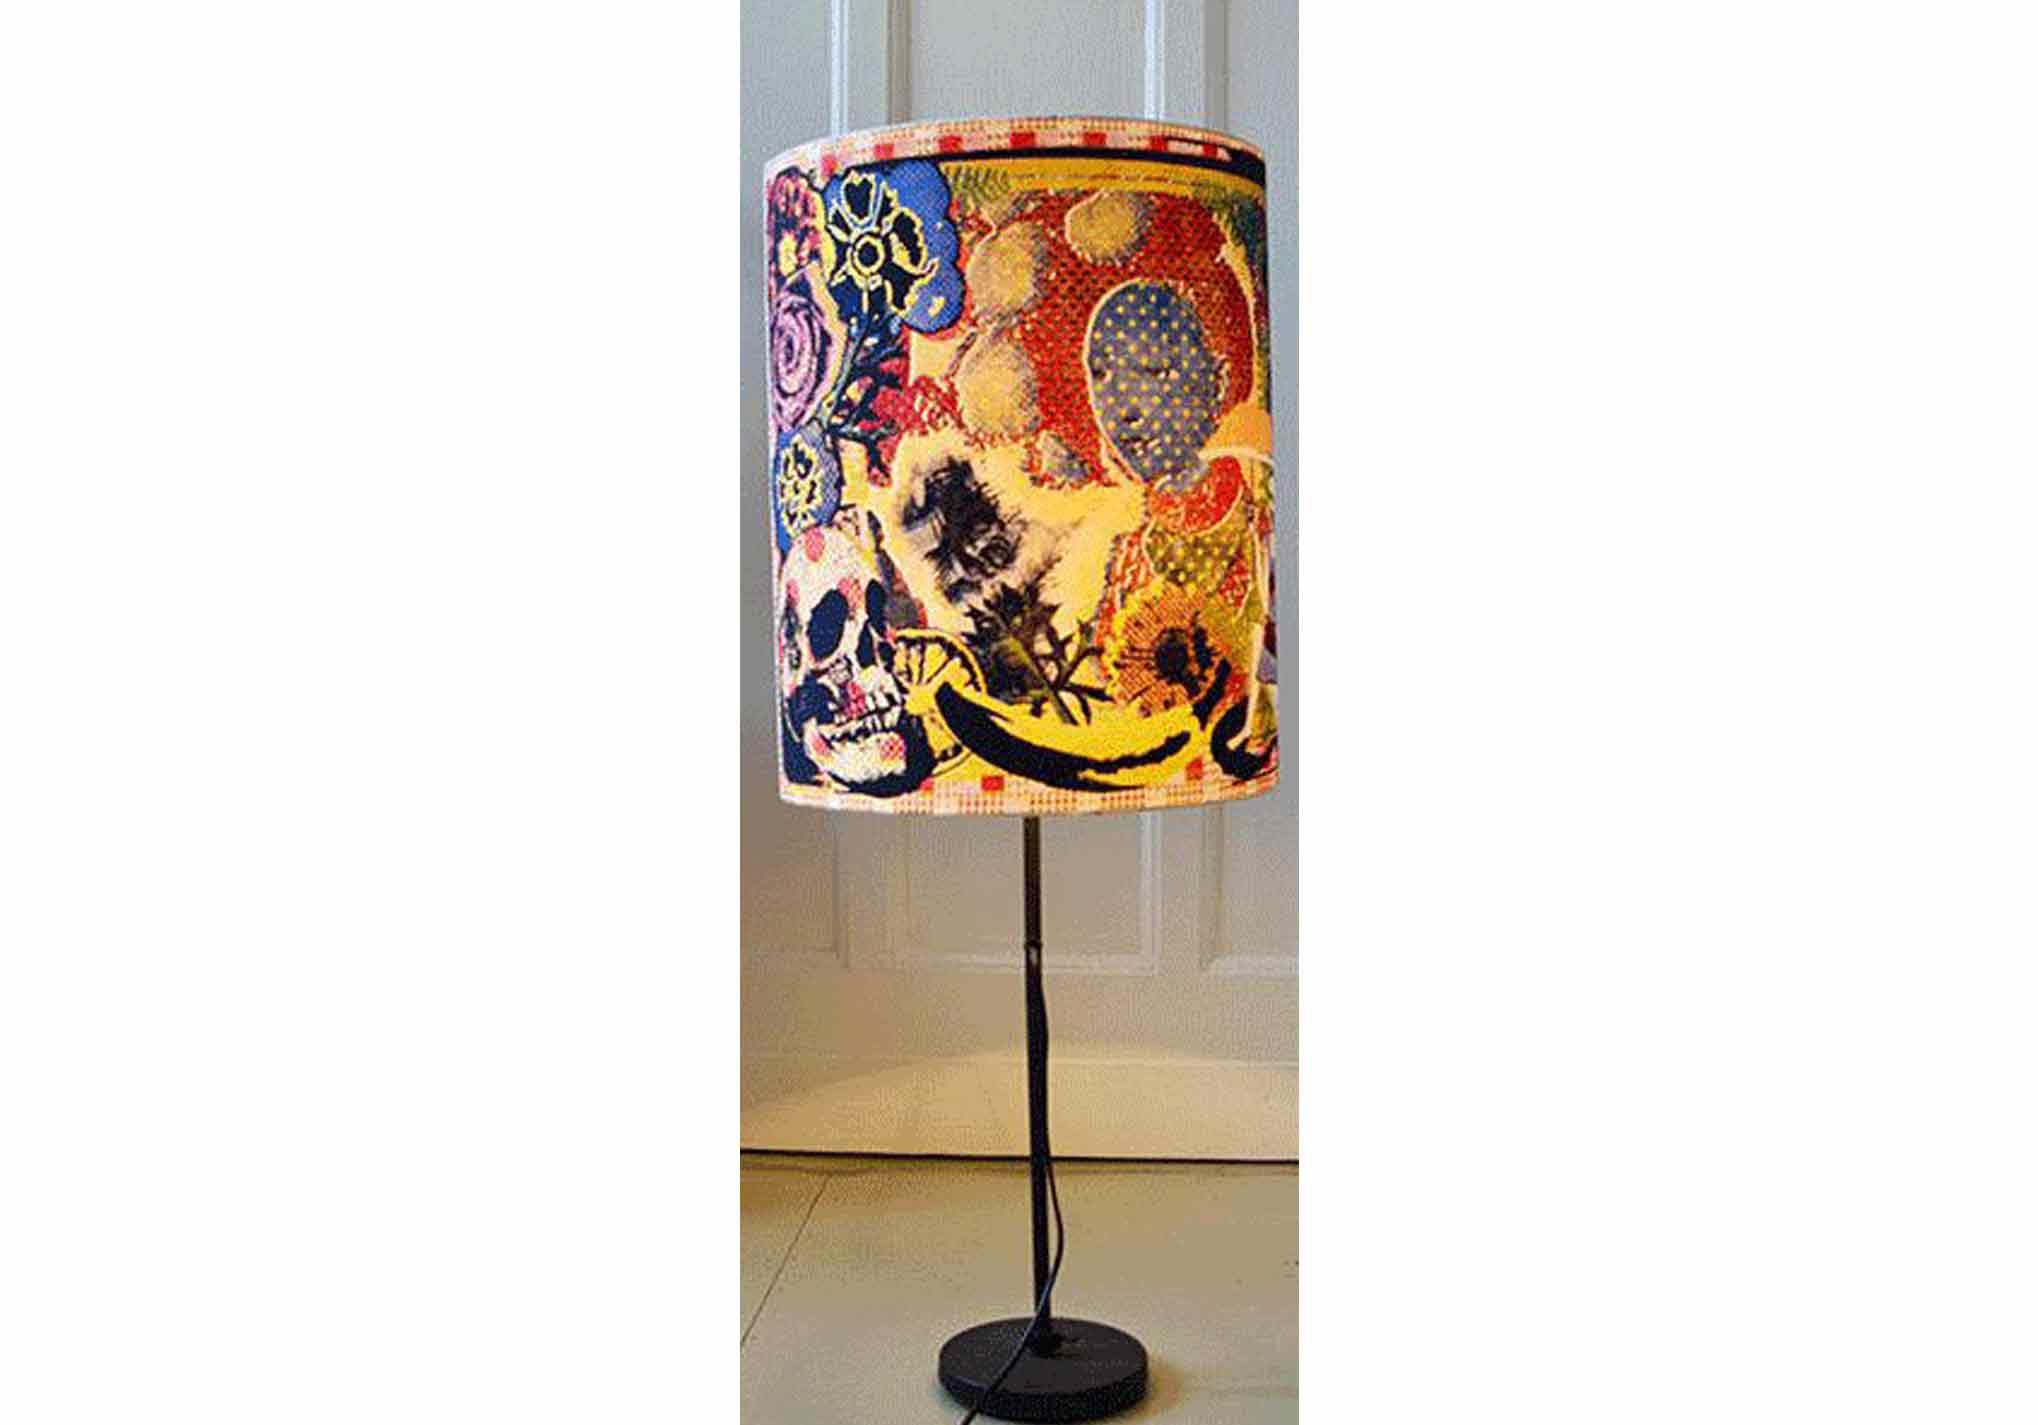 Ann-Kristin-Fleischhauer-Lampe-Cranch-Mt-Galerie